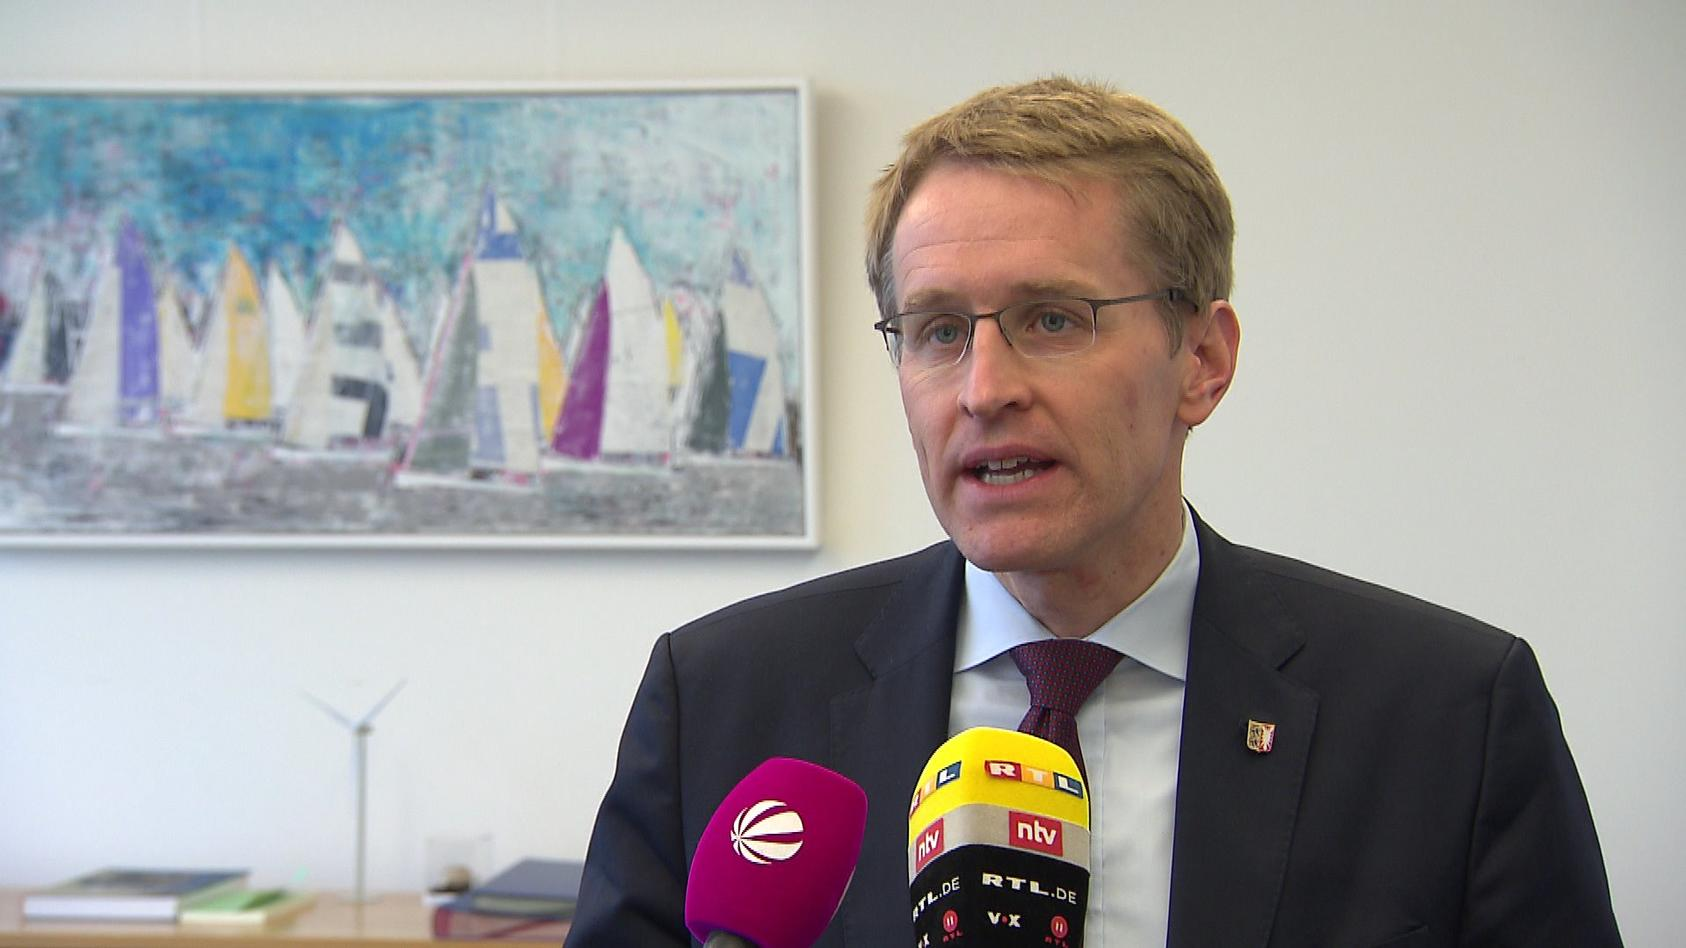 Ministerpräsident Daniel Günther (CDU) hält an den bisherigen Kontaktbeschränkungen in Schleswig-Holstein fest